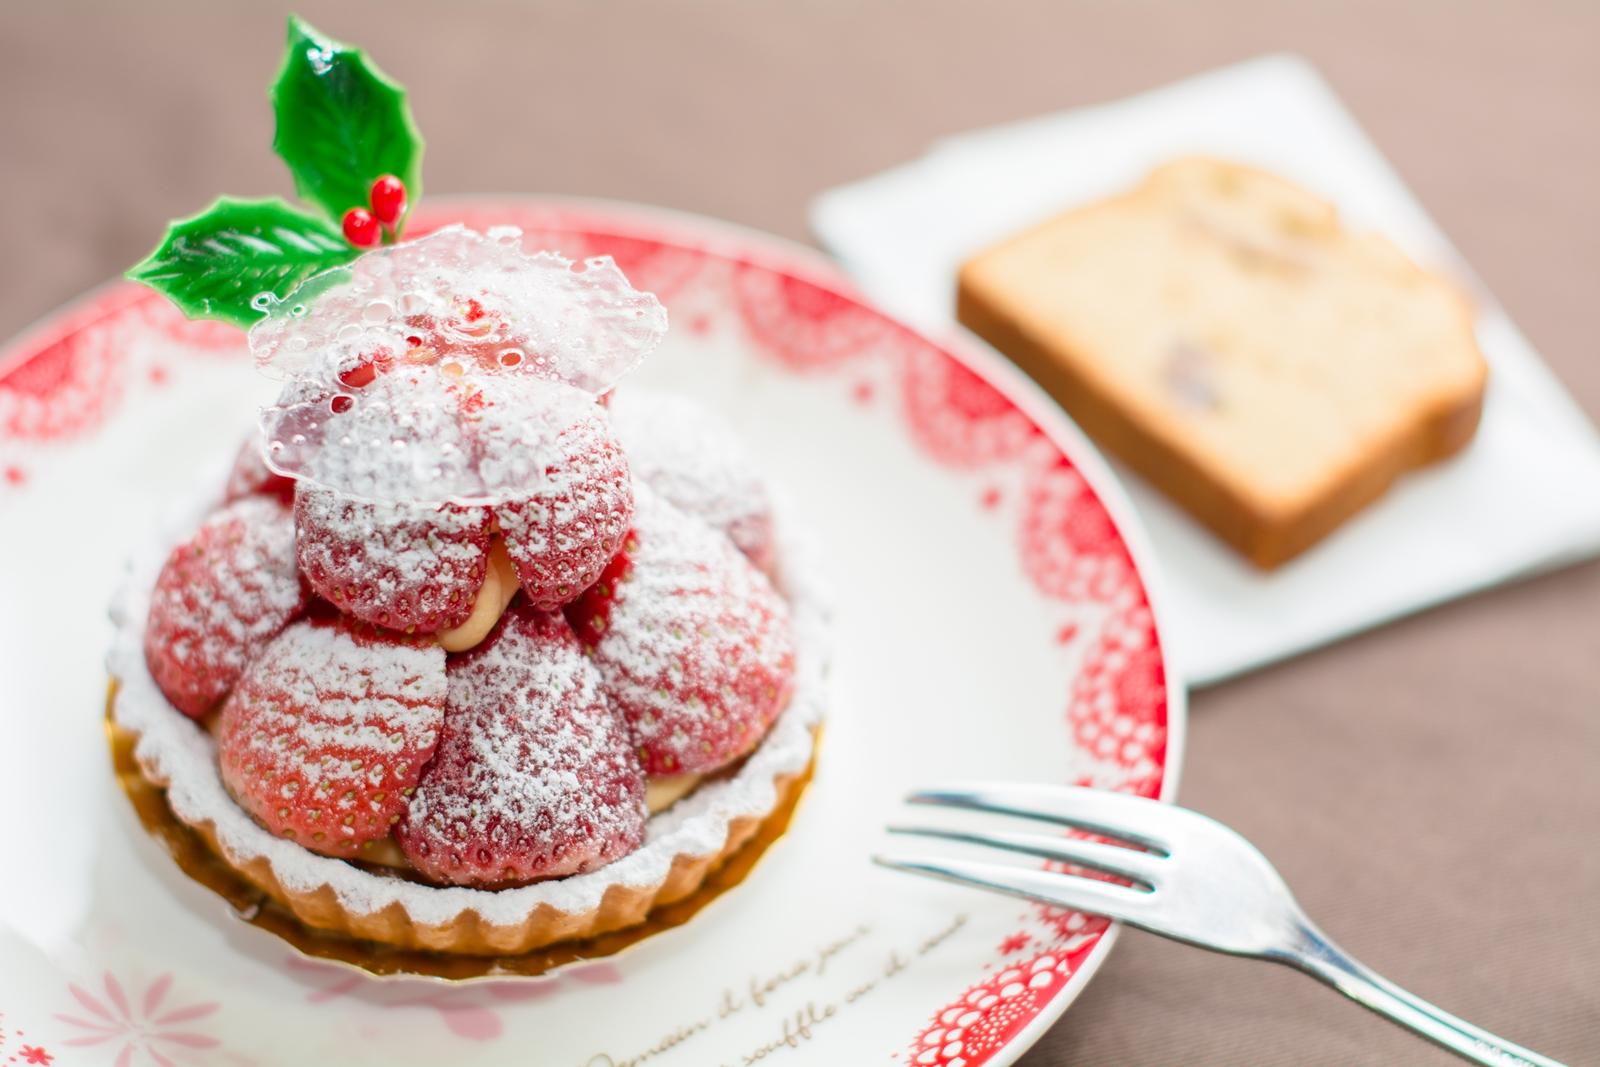 Photo: 「タルト・フレーズ」 フランス菓子 エリティエ  一昨日になりますが、 少し早くクリスマス気分で エリティエさんのタルトをいただきました♪  上には雪の結晶を思わせる パリッと割れる飴が乗り 積まれたイチゴには 綺麗に粉砂糖がまぶされています♪ その中に絞られたカスタードも とっても濃厚であまく 卵をしっかりと感じさせてくれました! でもイチゴがその甘さに負けずに しっかりみずみずしさとあまみを感じさせ 心地良く合わさってくれました~☆  もう1品は「シャテーニュ」という パウンドケーキです♪ しっとりふんわりとした生地に カリッとした胡桃 胡桃の風味はほんと癖になりますね☆  「 +フランス菓子 エリティエ 」 < http://goo.gl/IwWEoa > #ごちそうフォト #cooljapan Nikon D7100 Nikon AF-S NIKKOR 50mm f/1.4G